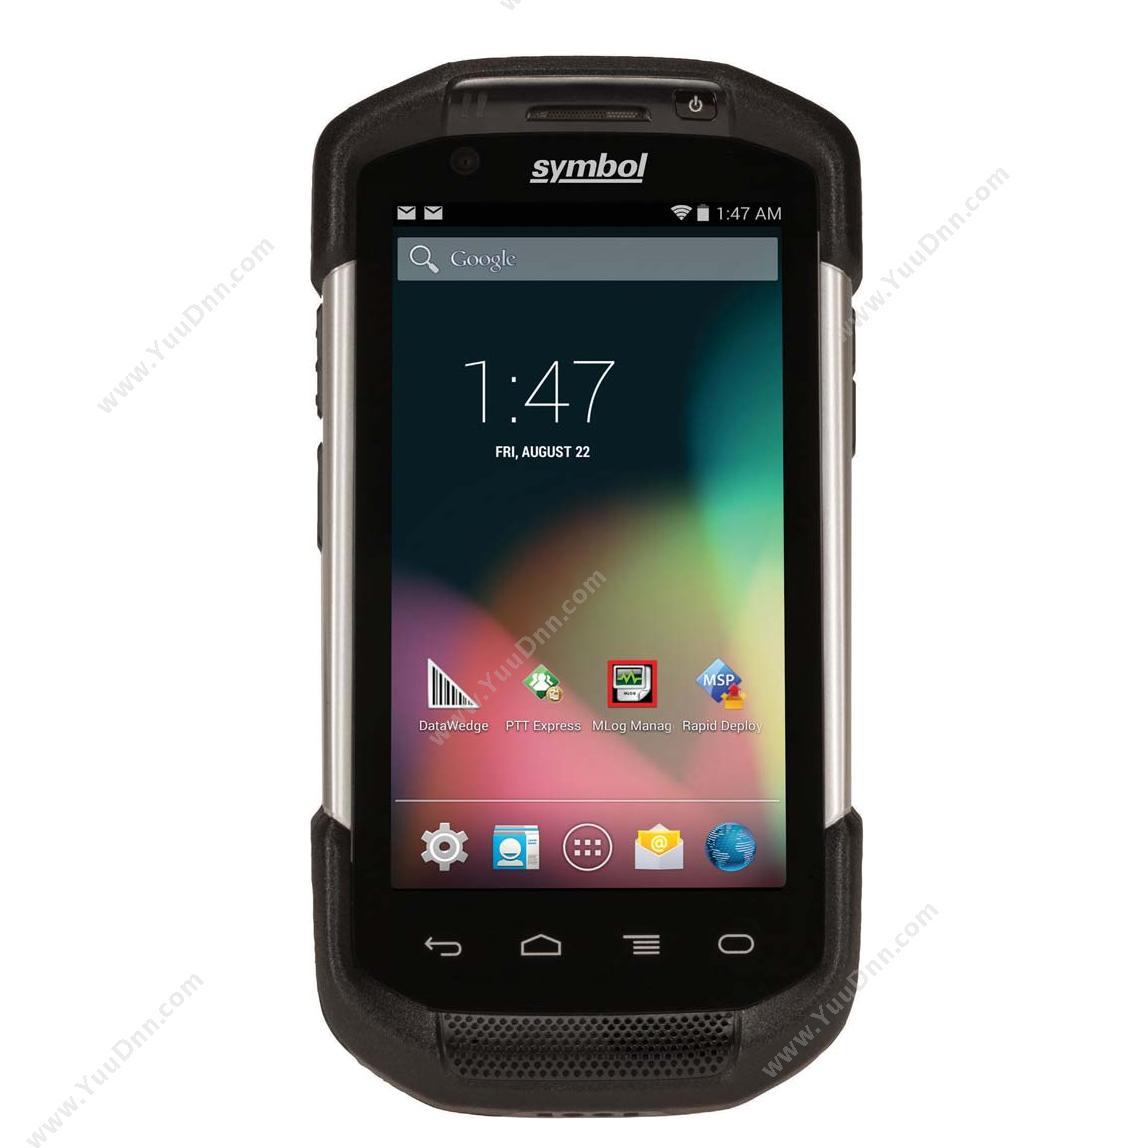 斑马 ZebraTC70X安卓手持机